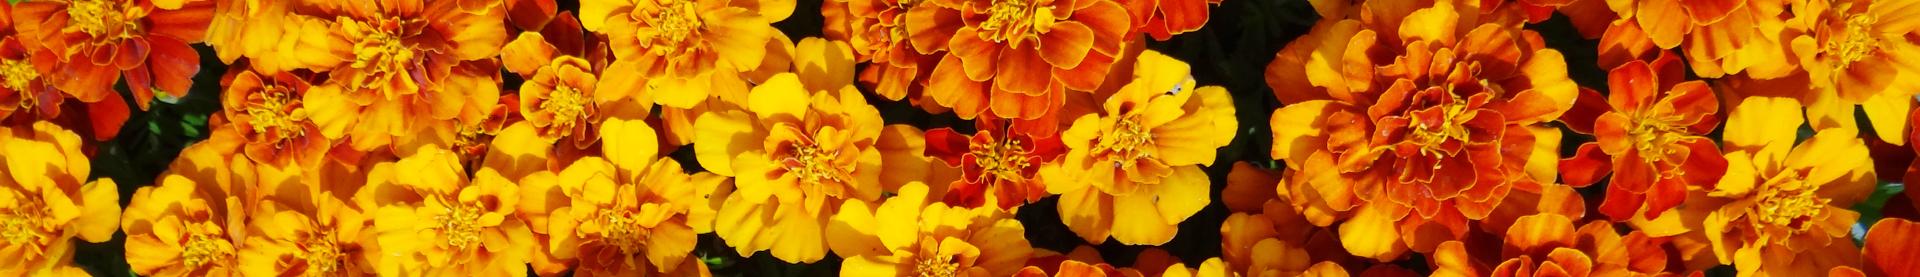 5 rośliny zimowe i wczesno wiosenne florens opole